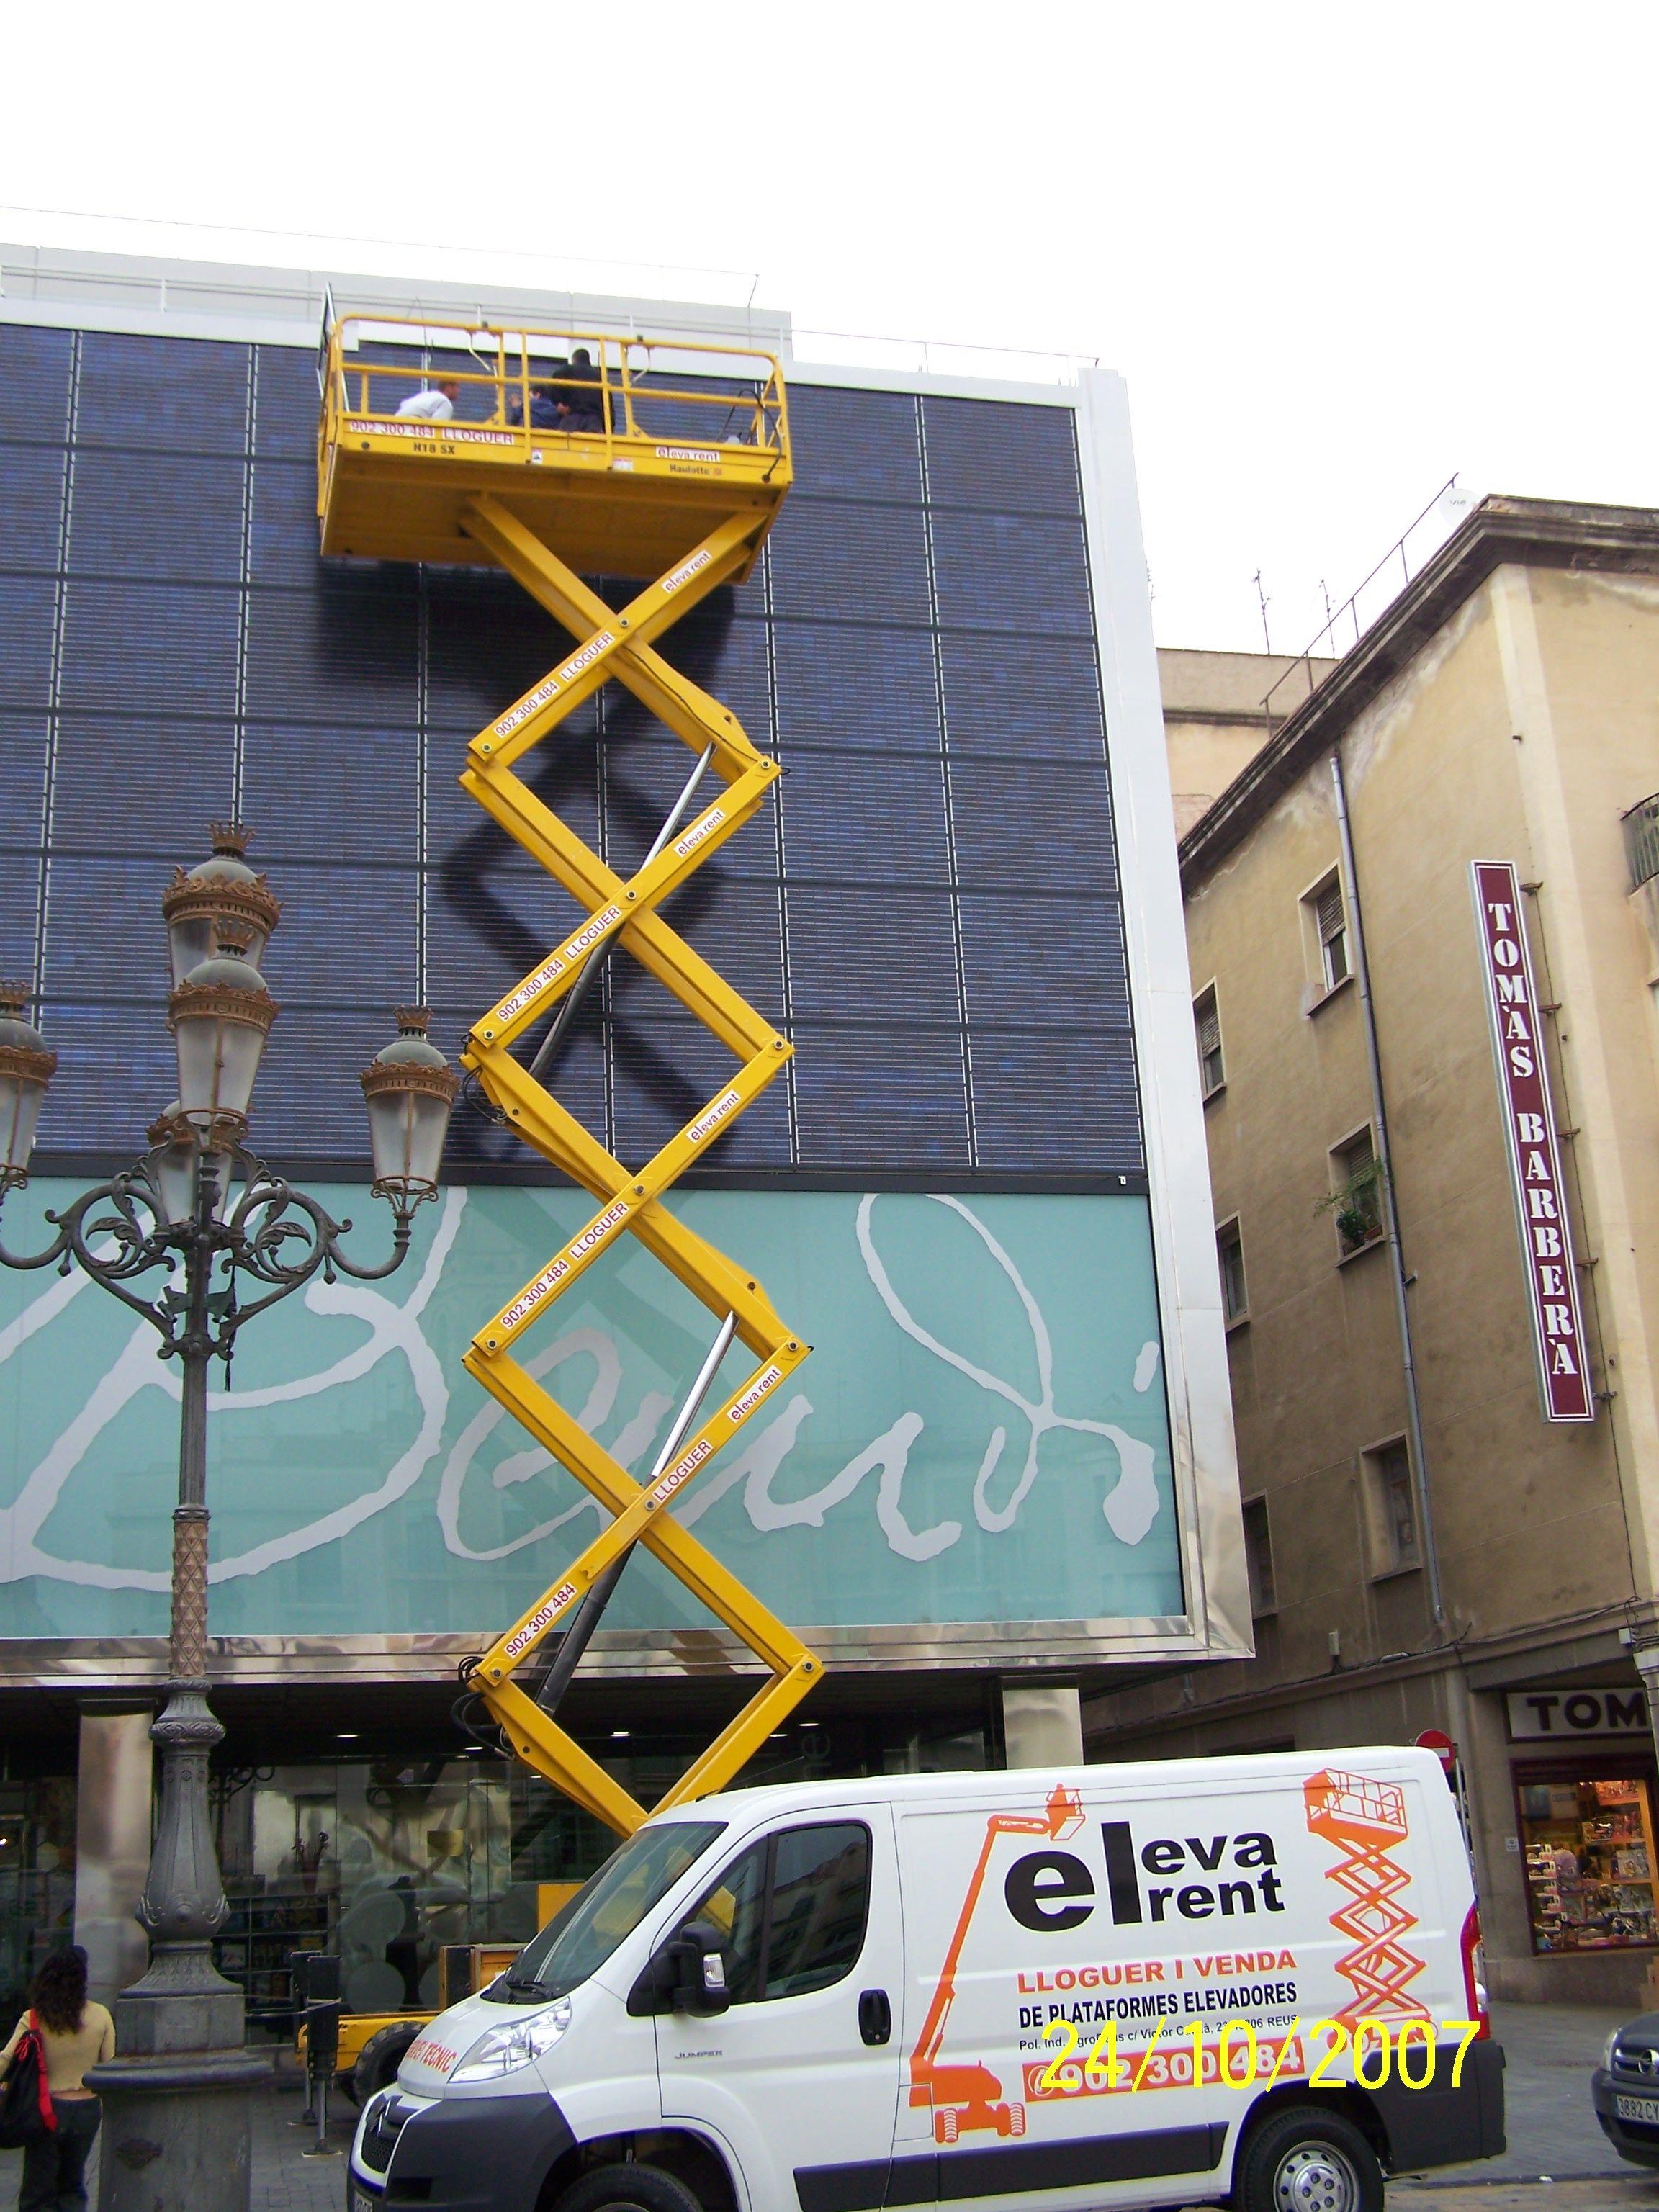 Foto 25 de Plataformas elevadoras en Reus | Eleva Rent